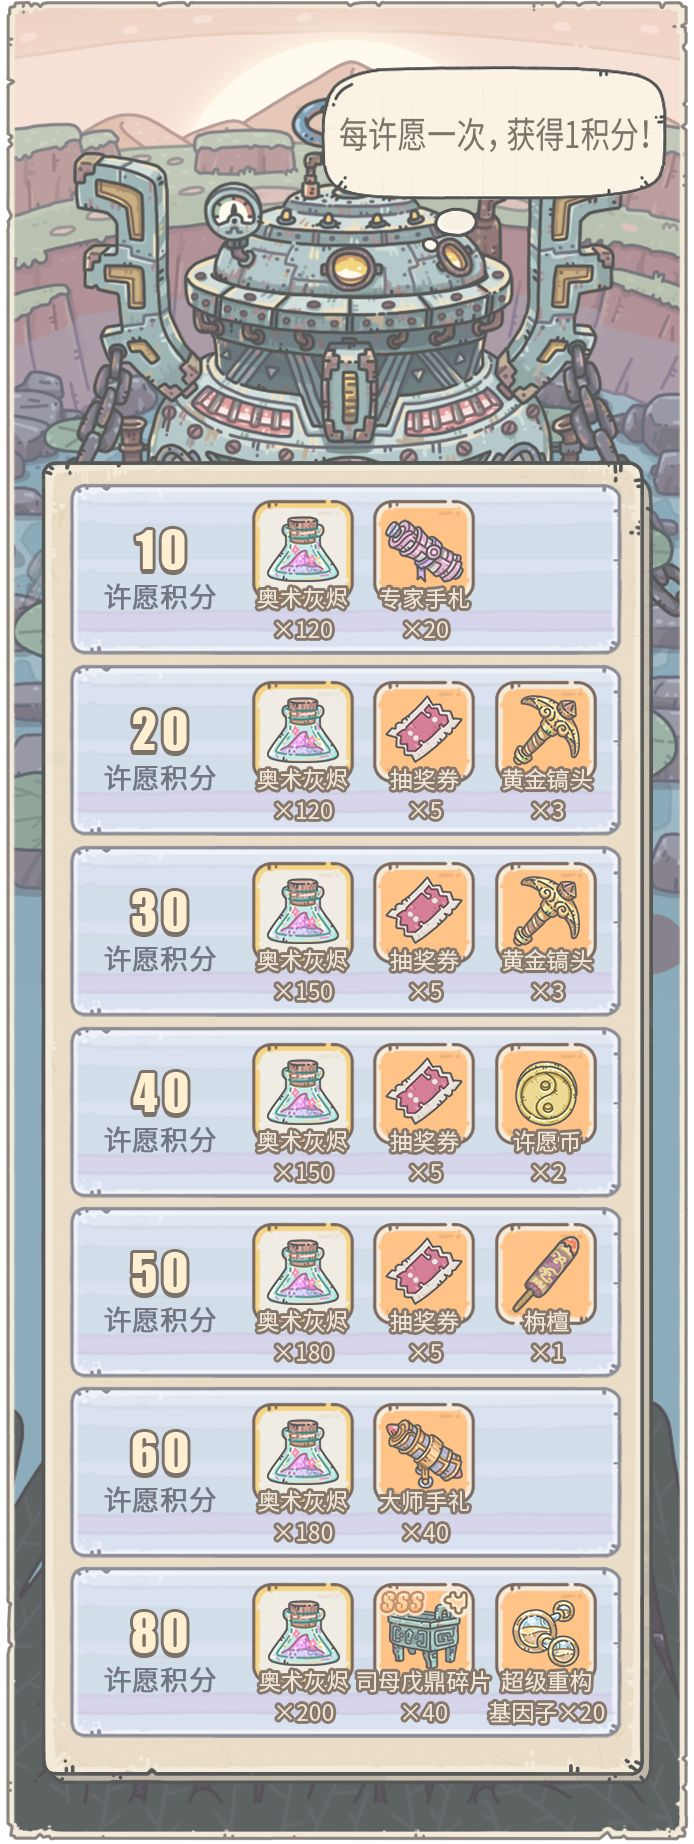 最强蜗牛7月31日更新公告 大祈愿之阵活动开启[多图]